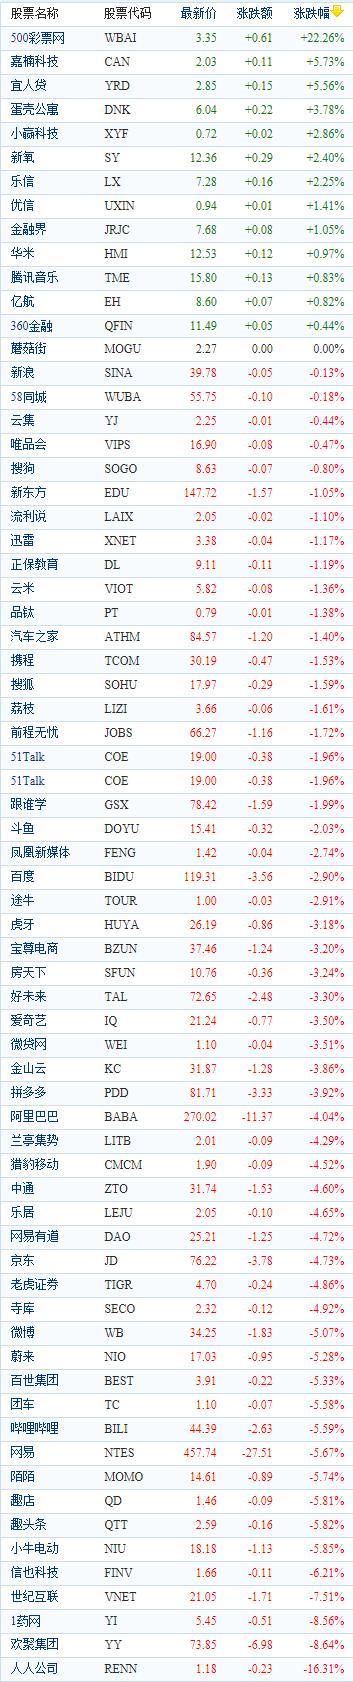 中国概念股周二收盘普遍下跌 500彩票网逆势大涨22%